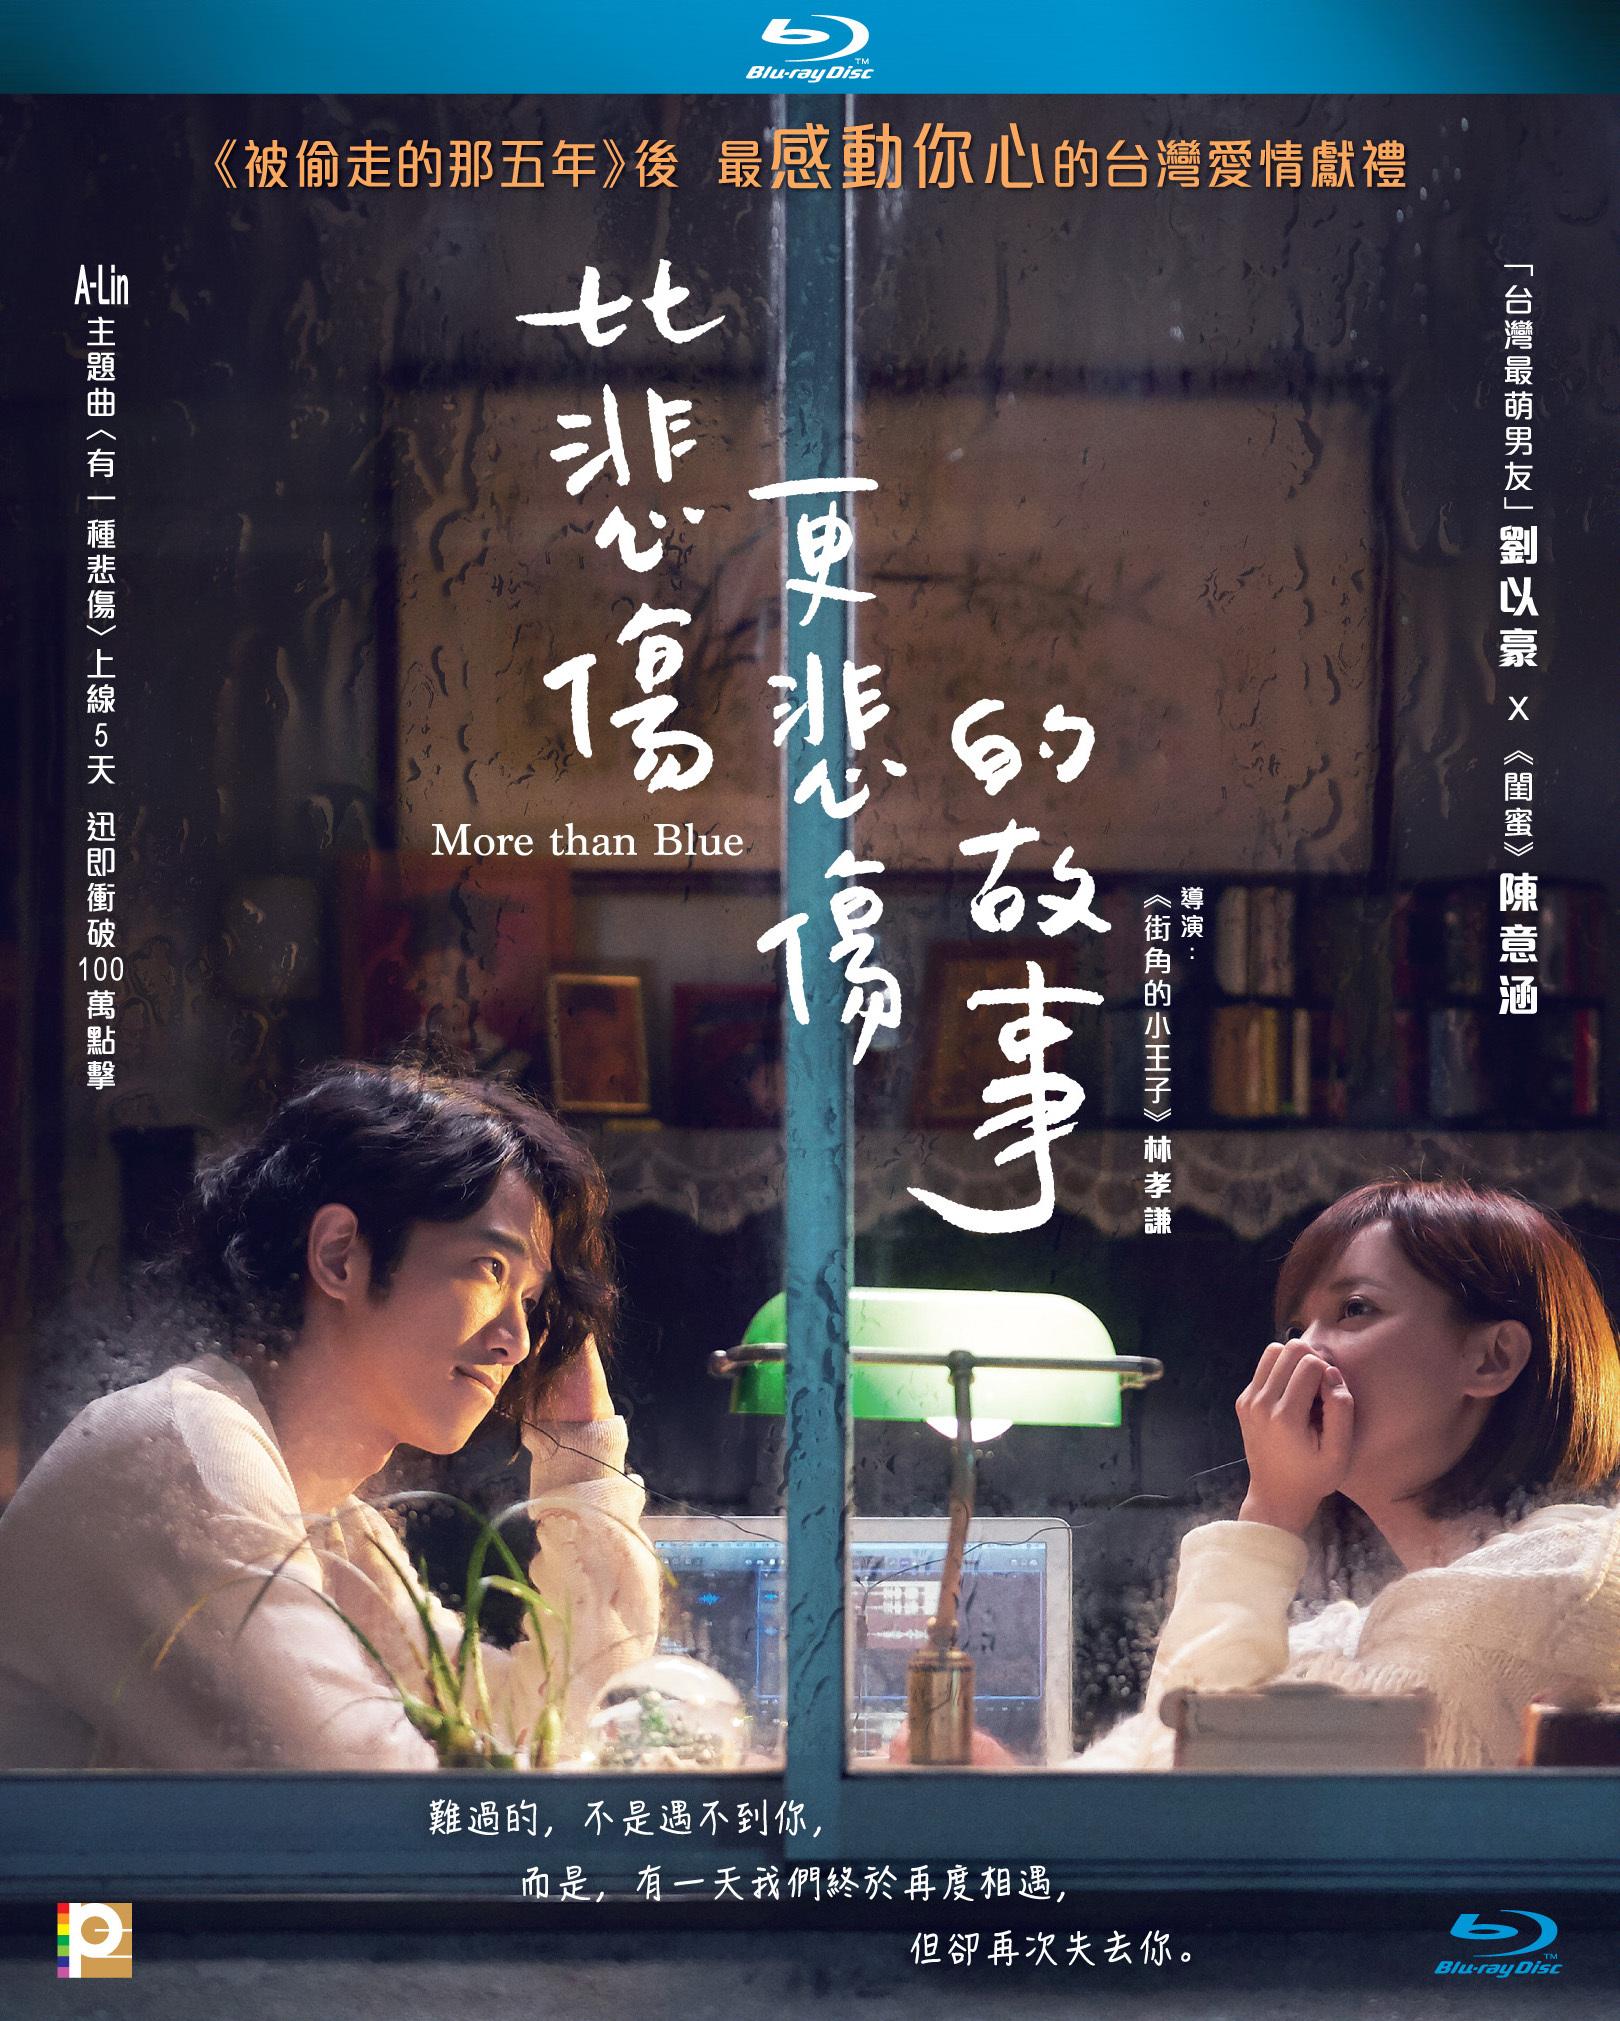 比悲傷更悲傷的故事 國語 原盤繁簡英SUP字幕 More Than Blue 2018 BluRay 1080p TrueHD 5.1 x264-BeiTai